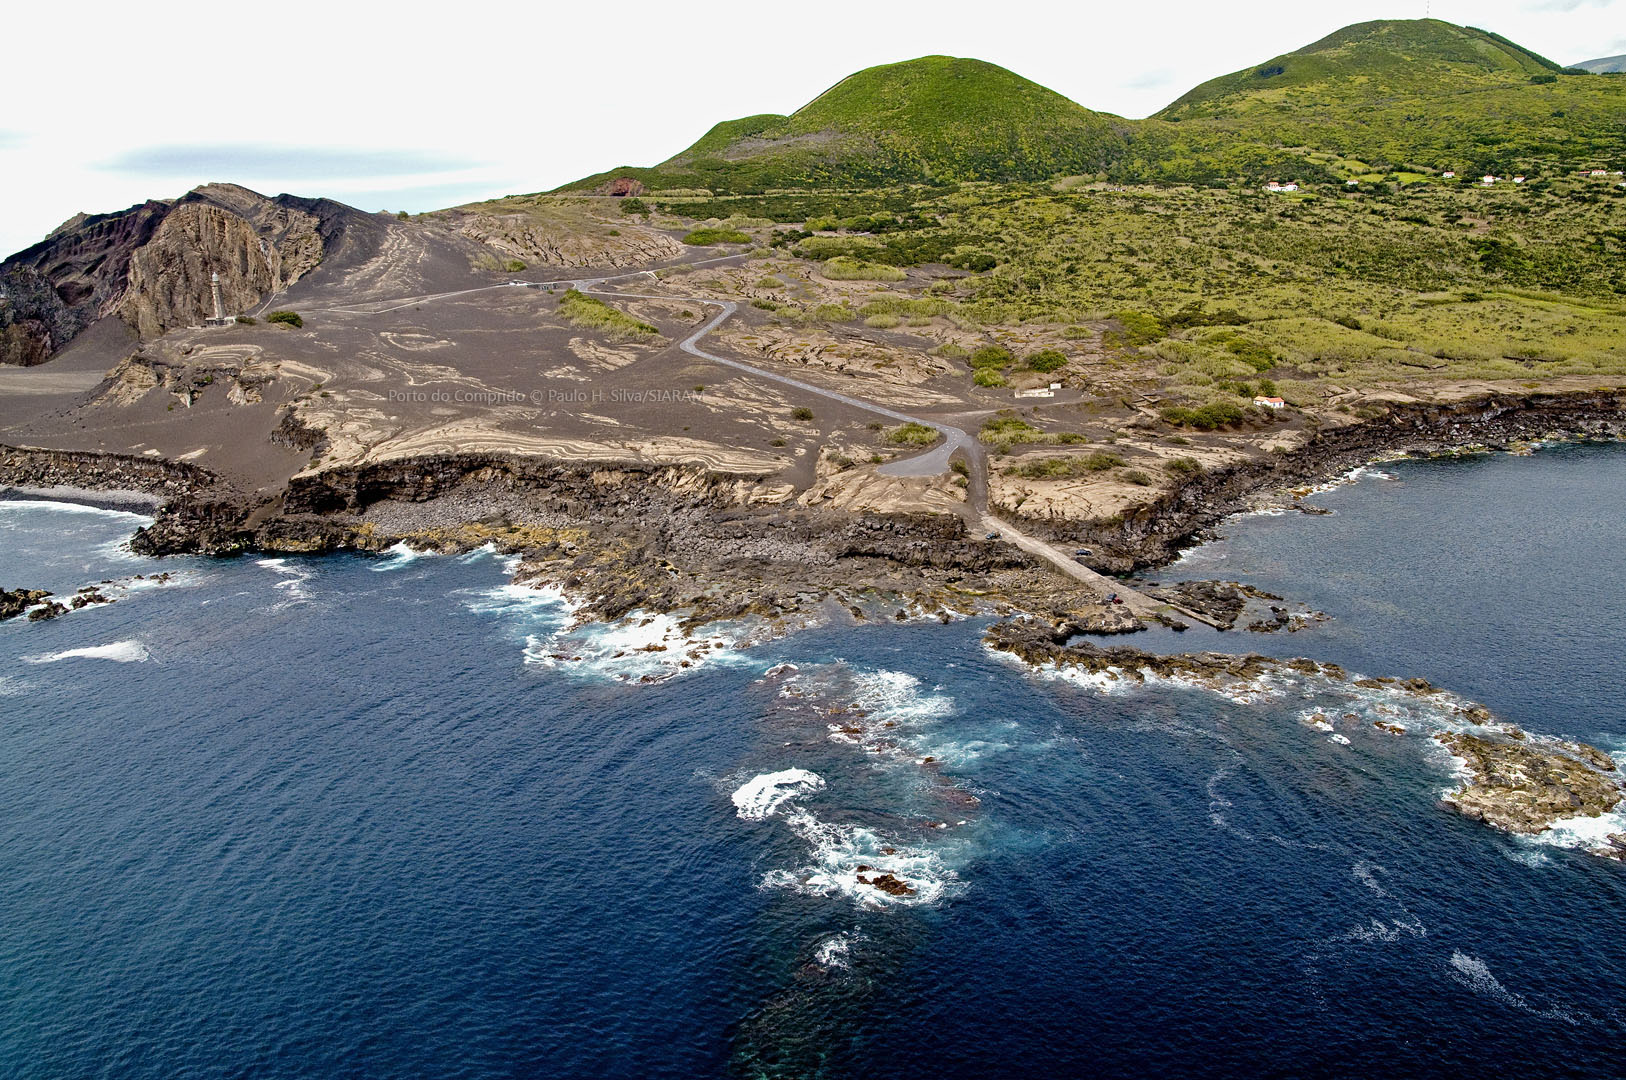 Praia do Comprido - Faial, Açores